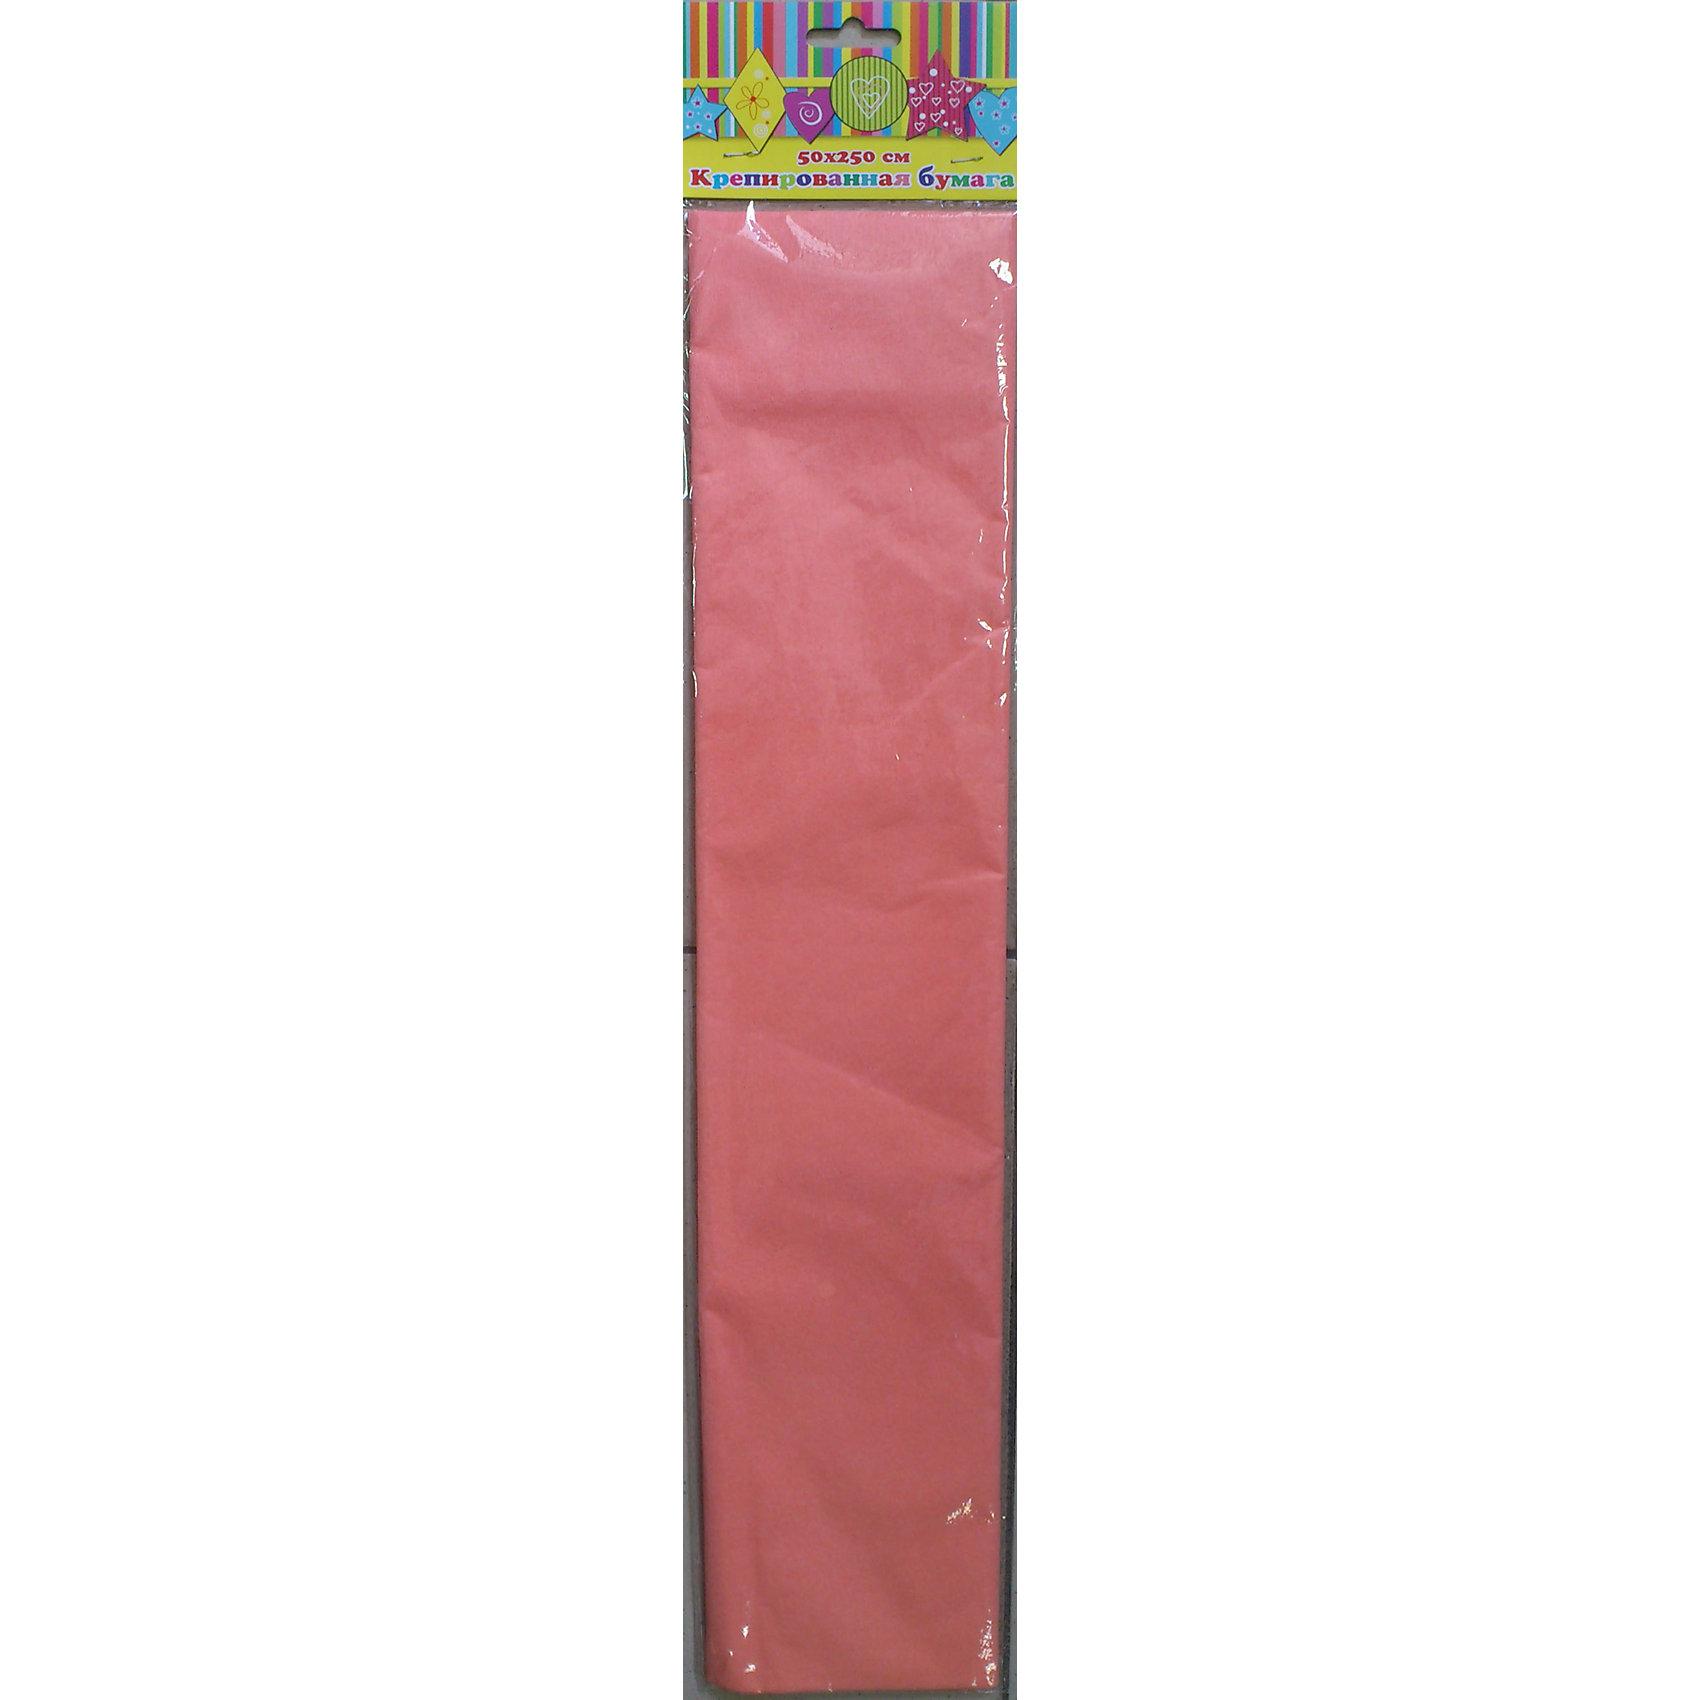 Бумага персиковая крепированнаяРукоделие<br>Изумительная крепированная бумага персикового цвета, из нее Ваш малыш сможет сделать множество ярких цветов или другие поделки.<br><br>Дополнительная информация:<br><br>- Возраст: от 3 лет.<br>- 1 лист.<br>- Цвет: персиковый.<br>- Материал: бумага.<br>- Размеры: 50х250 см.<br>- Размер упаковки: 51х11х0,6 см.<br>- Вес в упаковке: 30 г. <br><br>Купить крепированную бумагу в персиковом цвете, можно в нашем магазине.<br><br>Ширина мм: 510<br>Глубина мм: 110<br>Высота мм: 6<br>Вес г: 30<br>Возраст от месяцев: 36<br>Возраст до месяцев: 2147483647<br>Пол: Унисекс<br>Возраст: Детский<br>SKU: 4943593